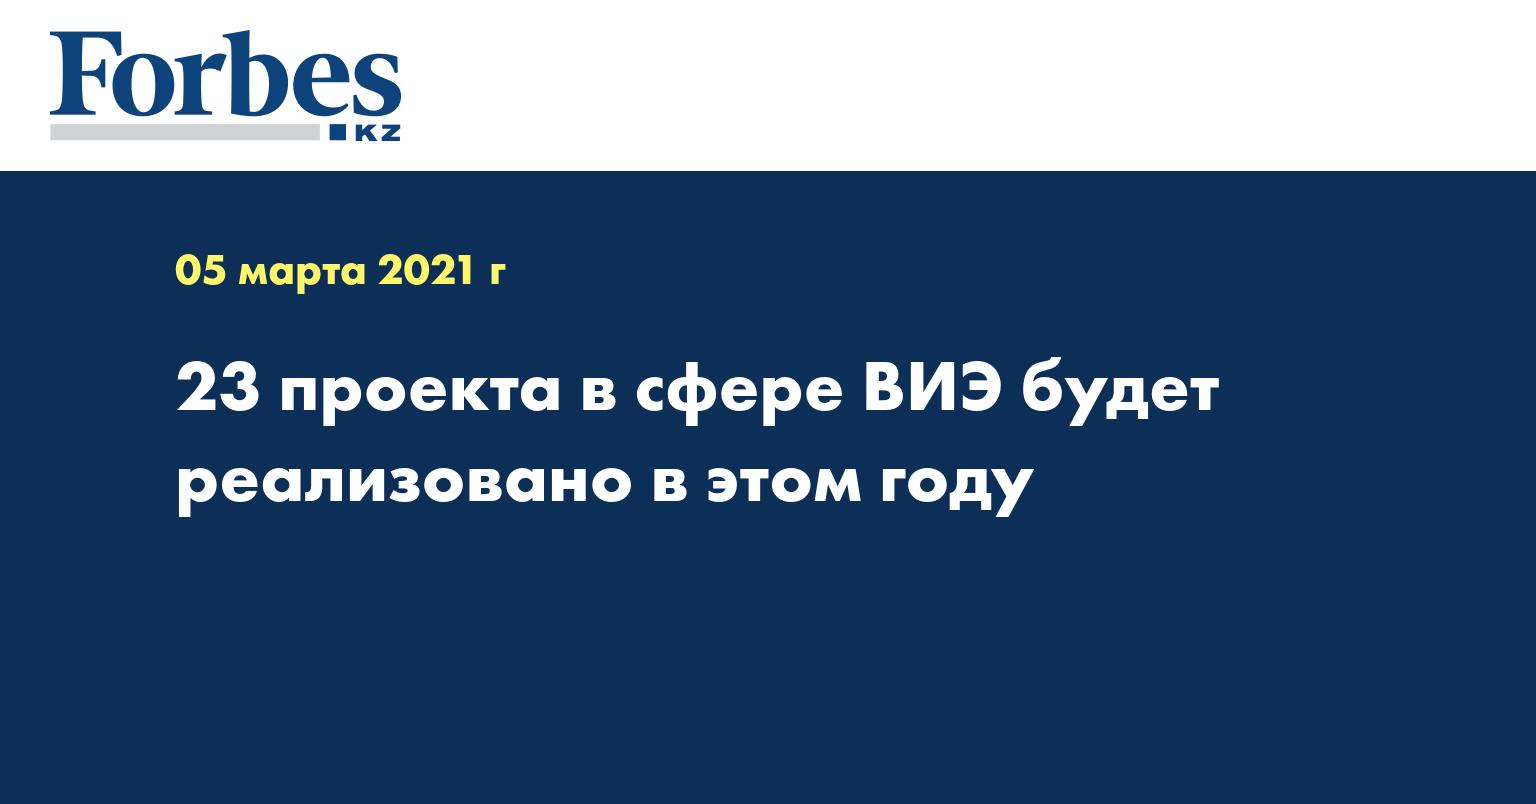 23 проекта в сфере ВИЭ будет реализовано в этом году